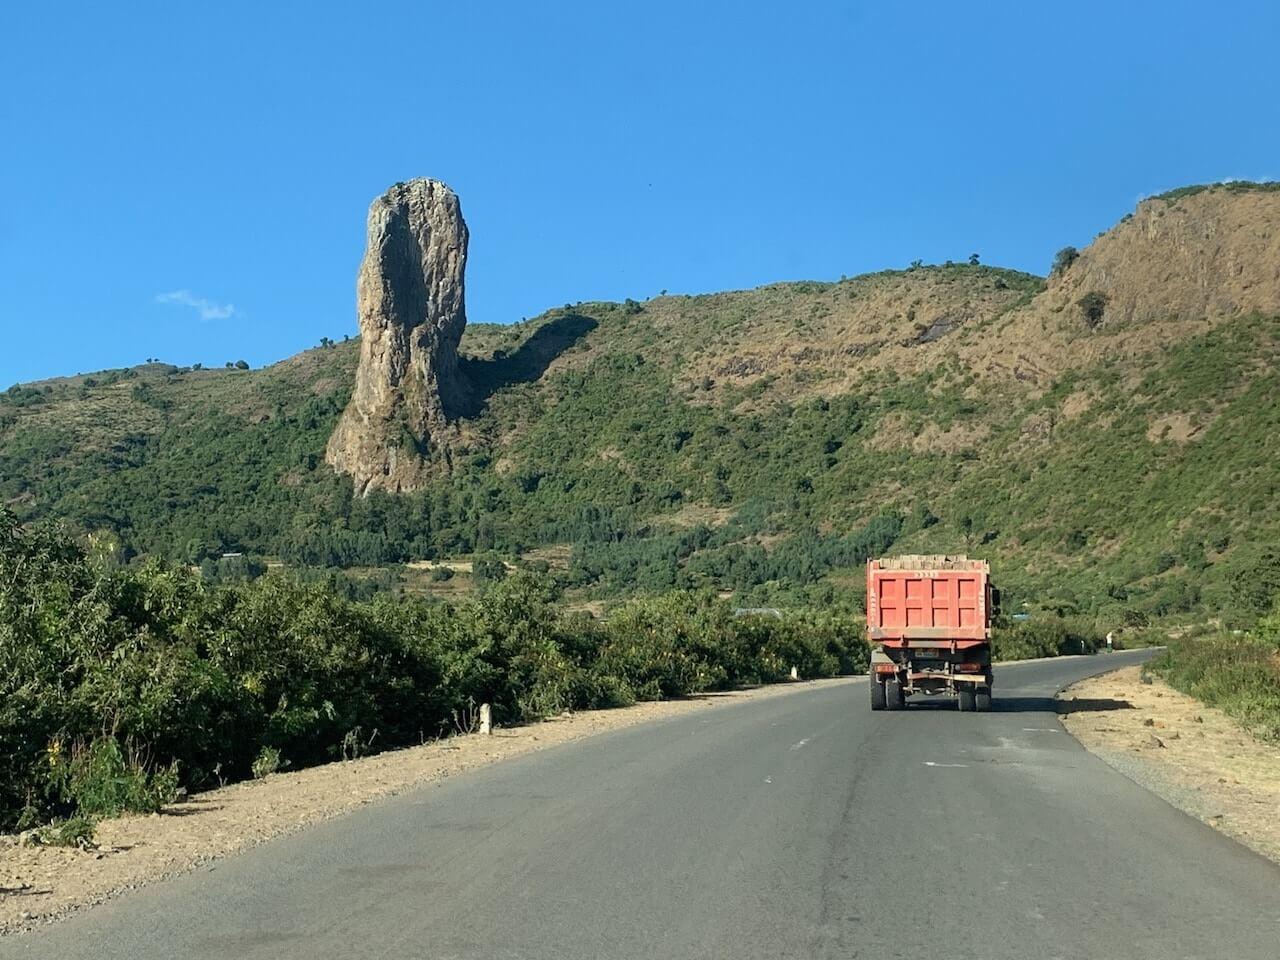 Das afrikanische Freihandelsabkommen AfCFTA: Der Beginn einer neuen Ära